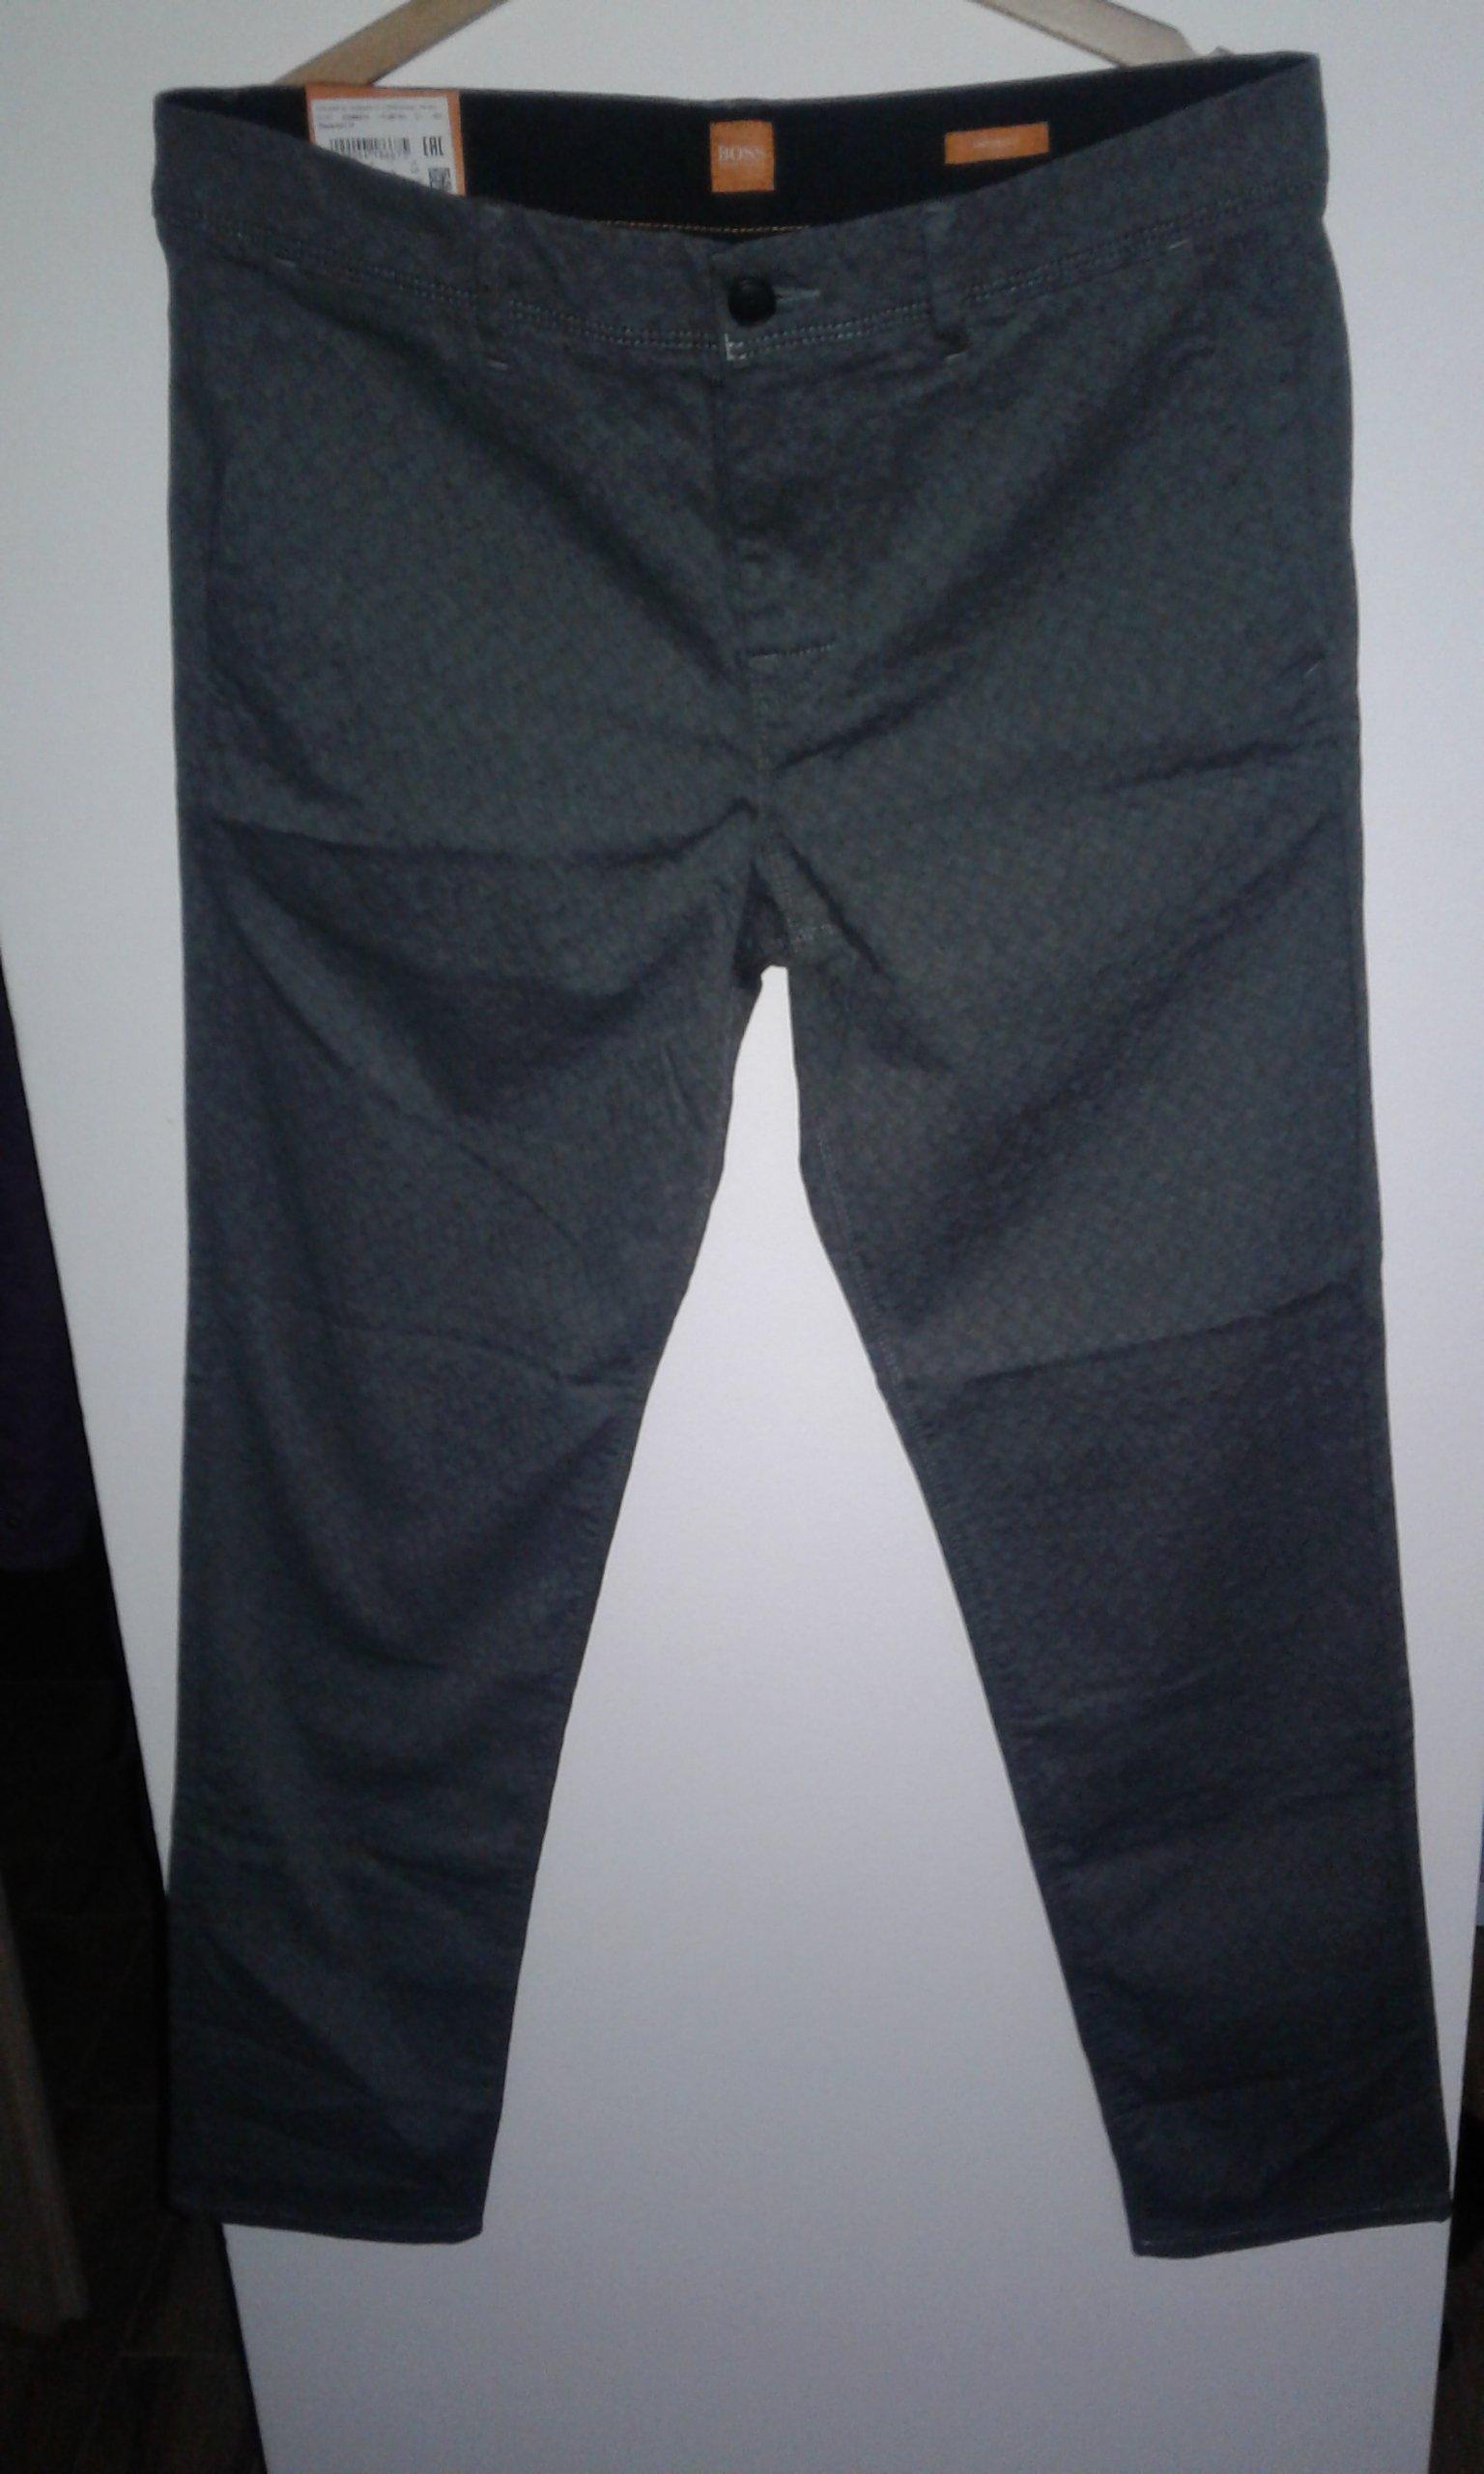 1baf82fe01646 Spodnie męskie Hugo Boss rozm. 50 - 7094867668 - oficjalne archiwum ...